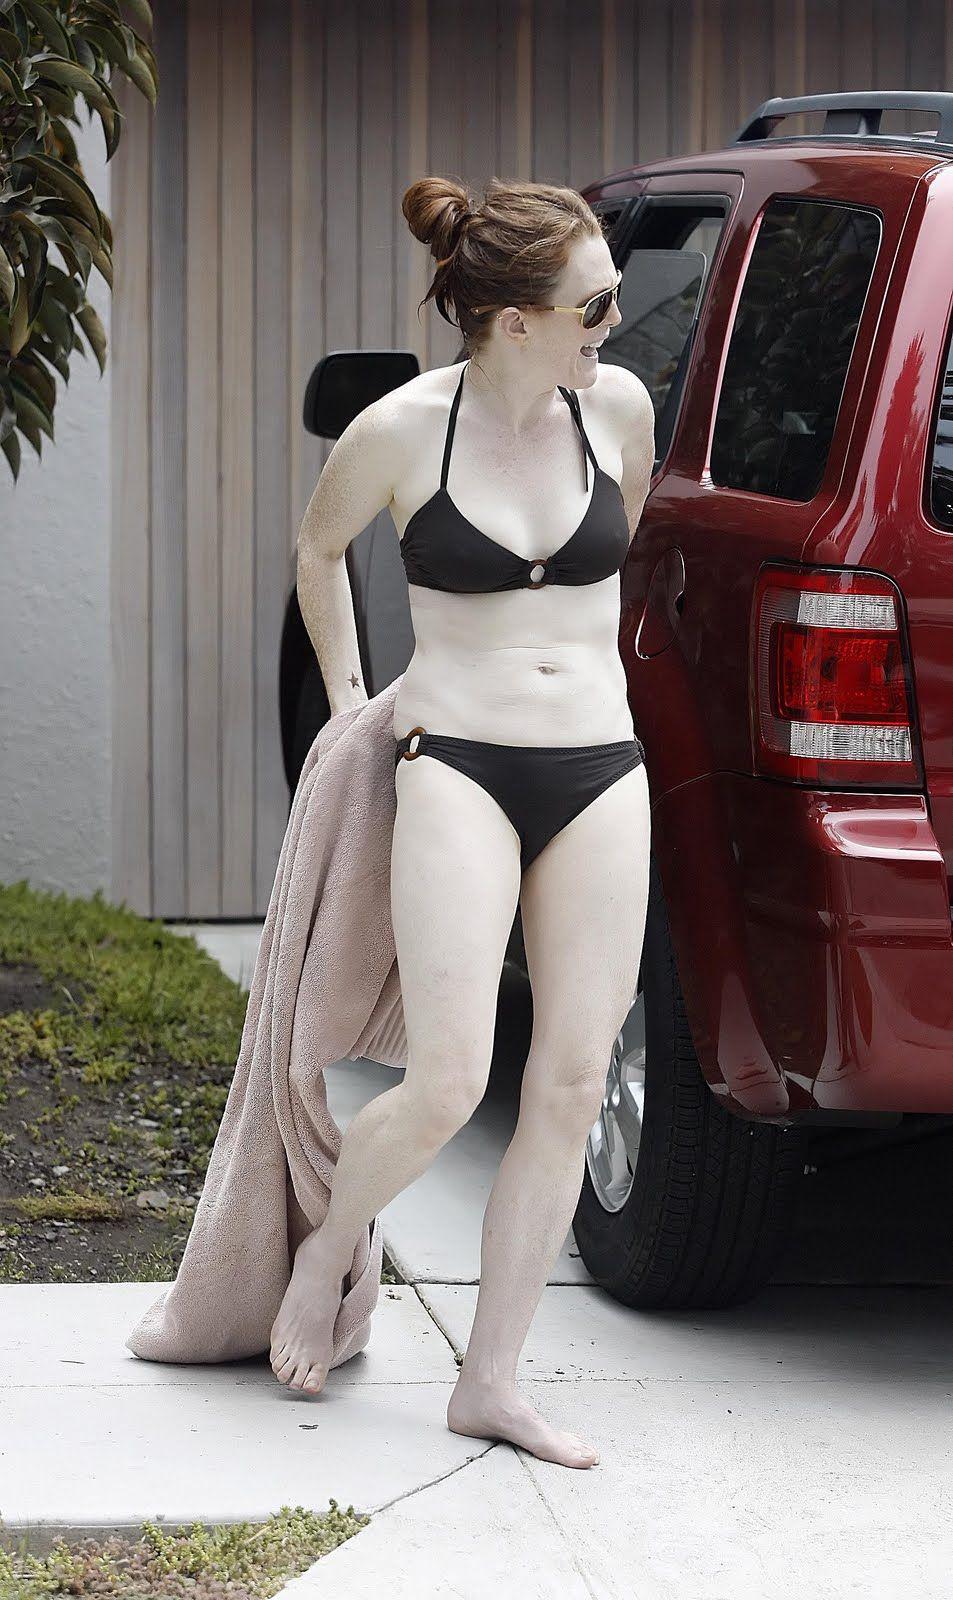 julianne moore in a bikini